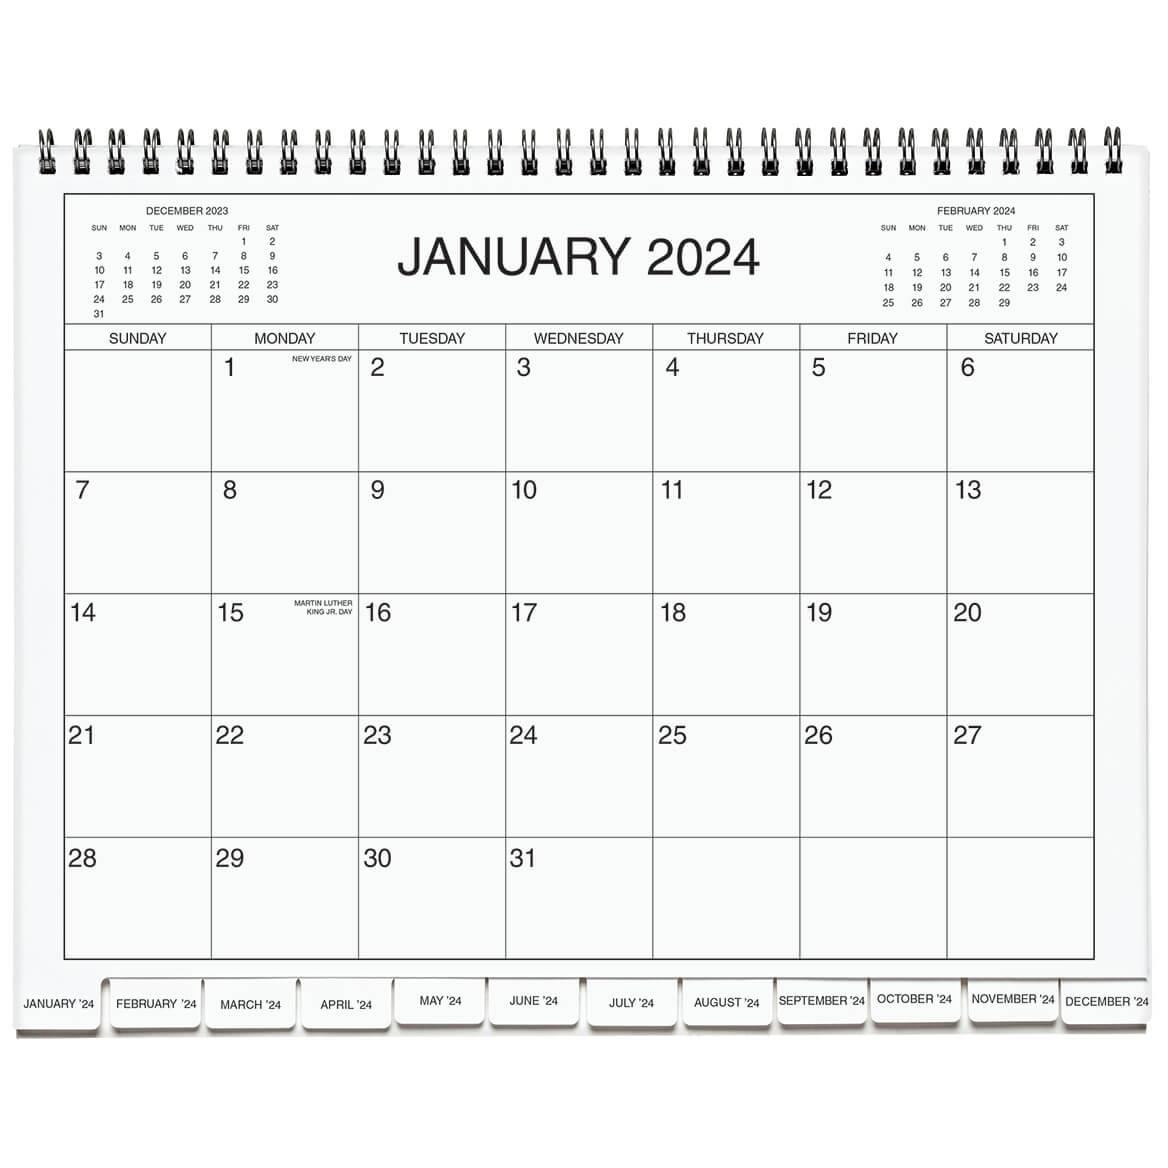 2-Yr Appointment Calendar 2022-2023-367926